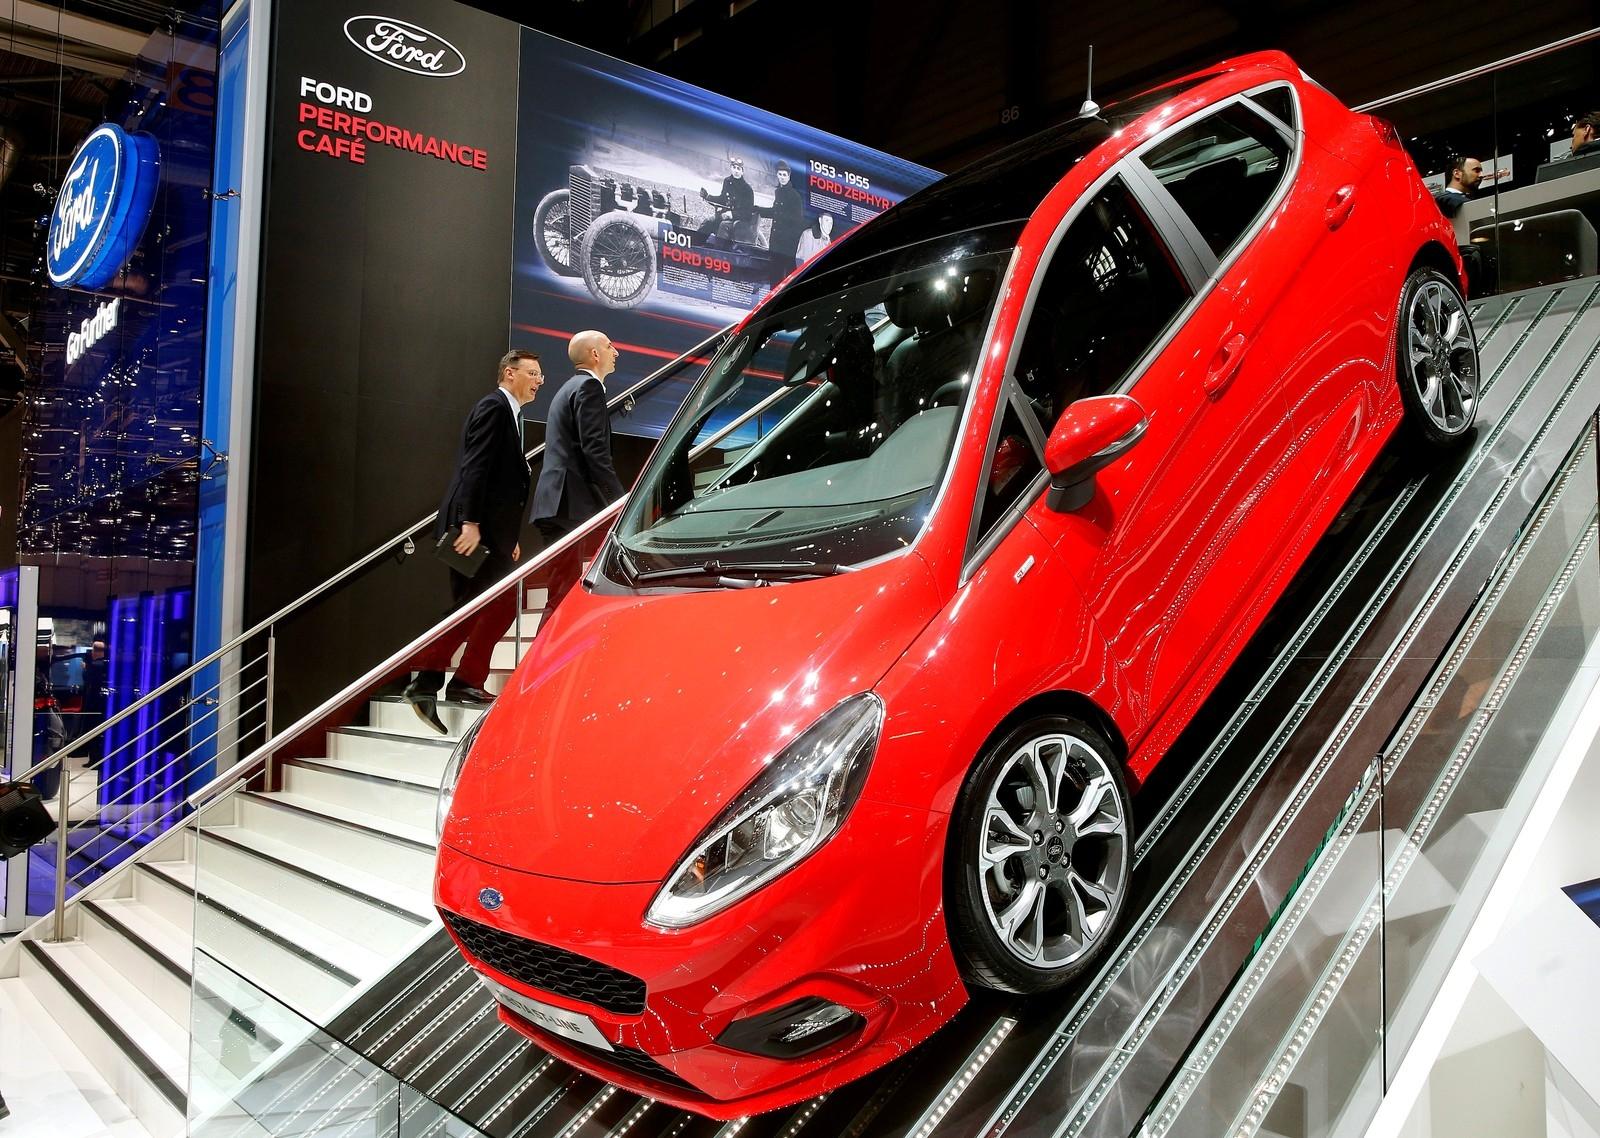 A Ford afirmou que vai sair do segmento de multivans, parar de fabricar transmissões automáticas em Bordeaux em agosto, rever suas operações na Rússia e combinar a sede da Ford no Reino Unido com a sede da Ford Credit.